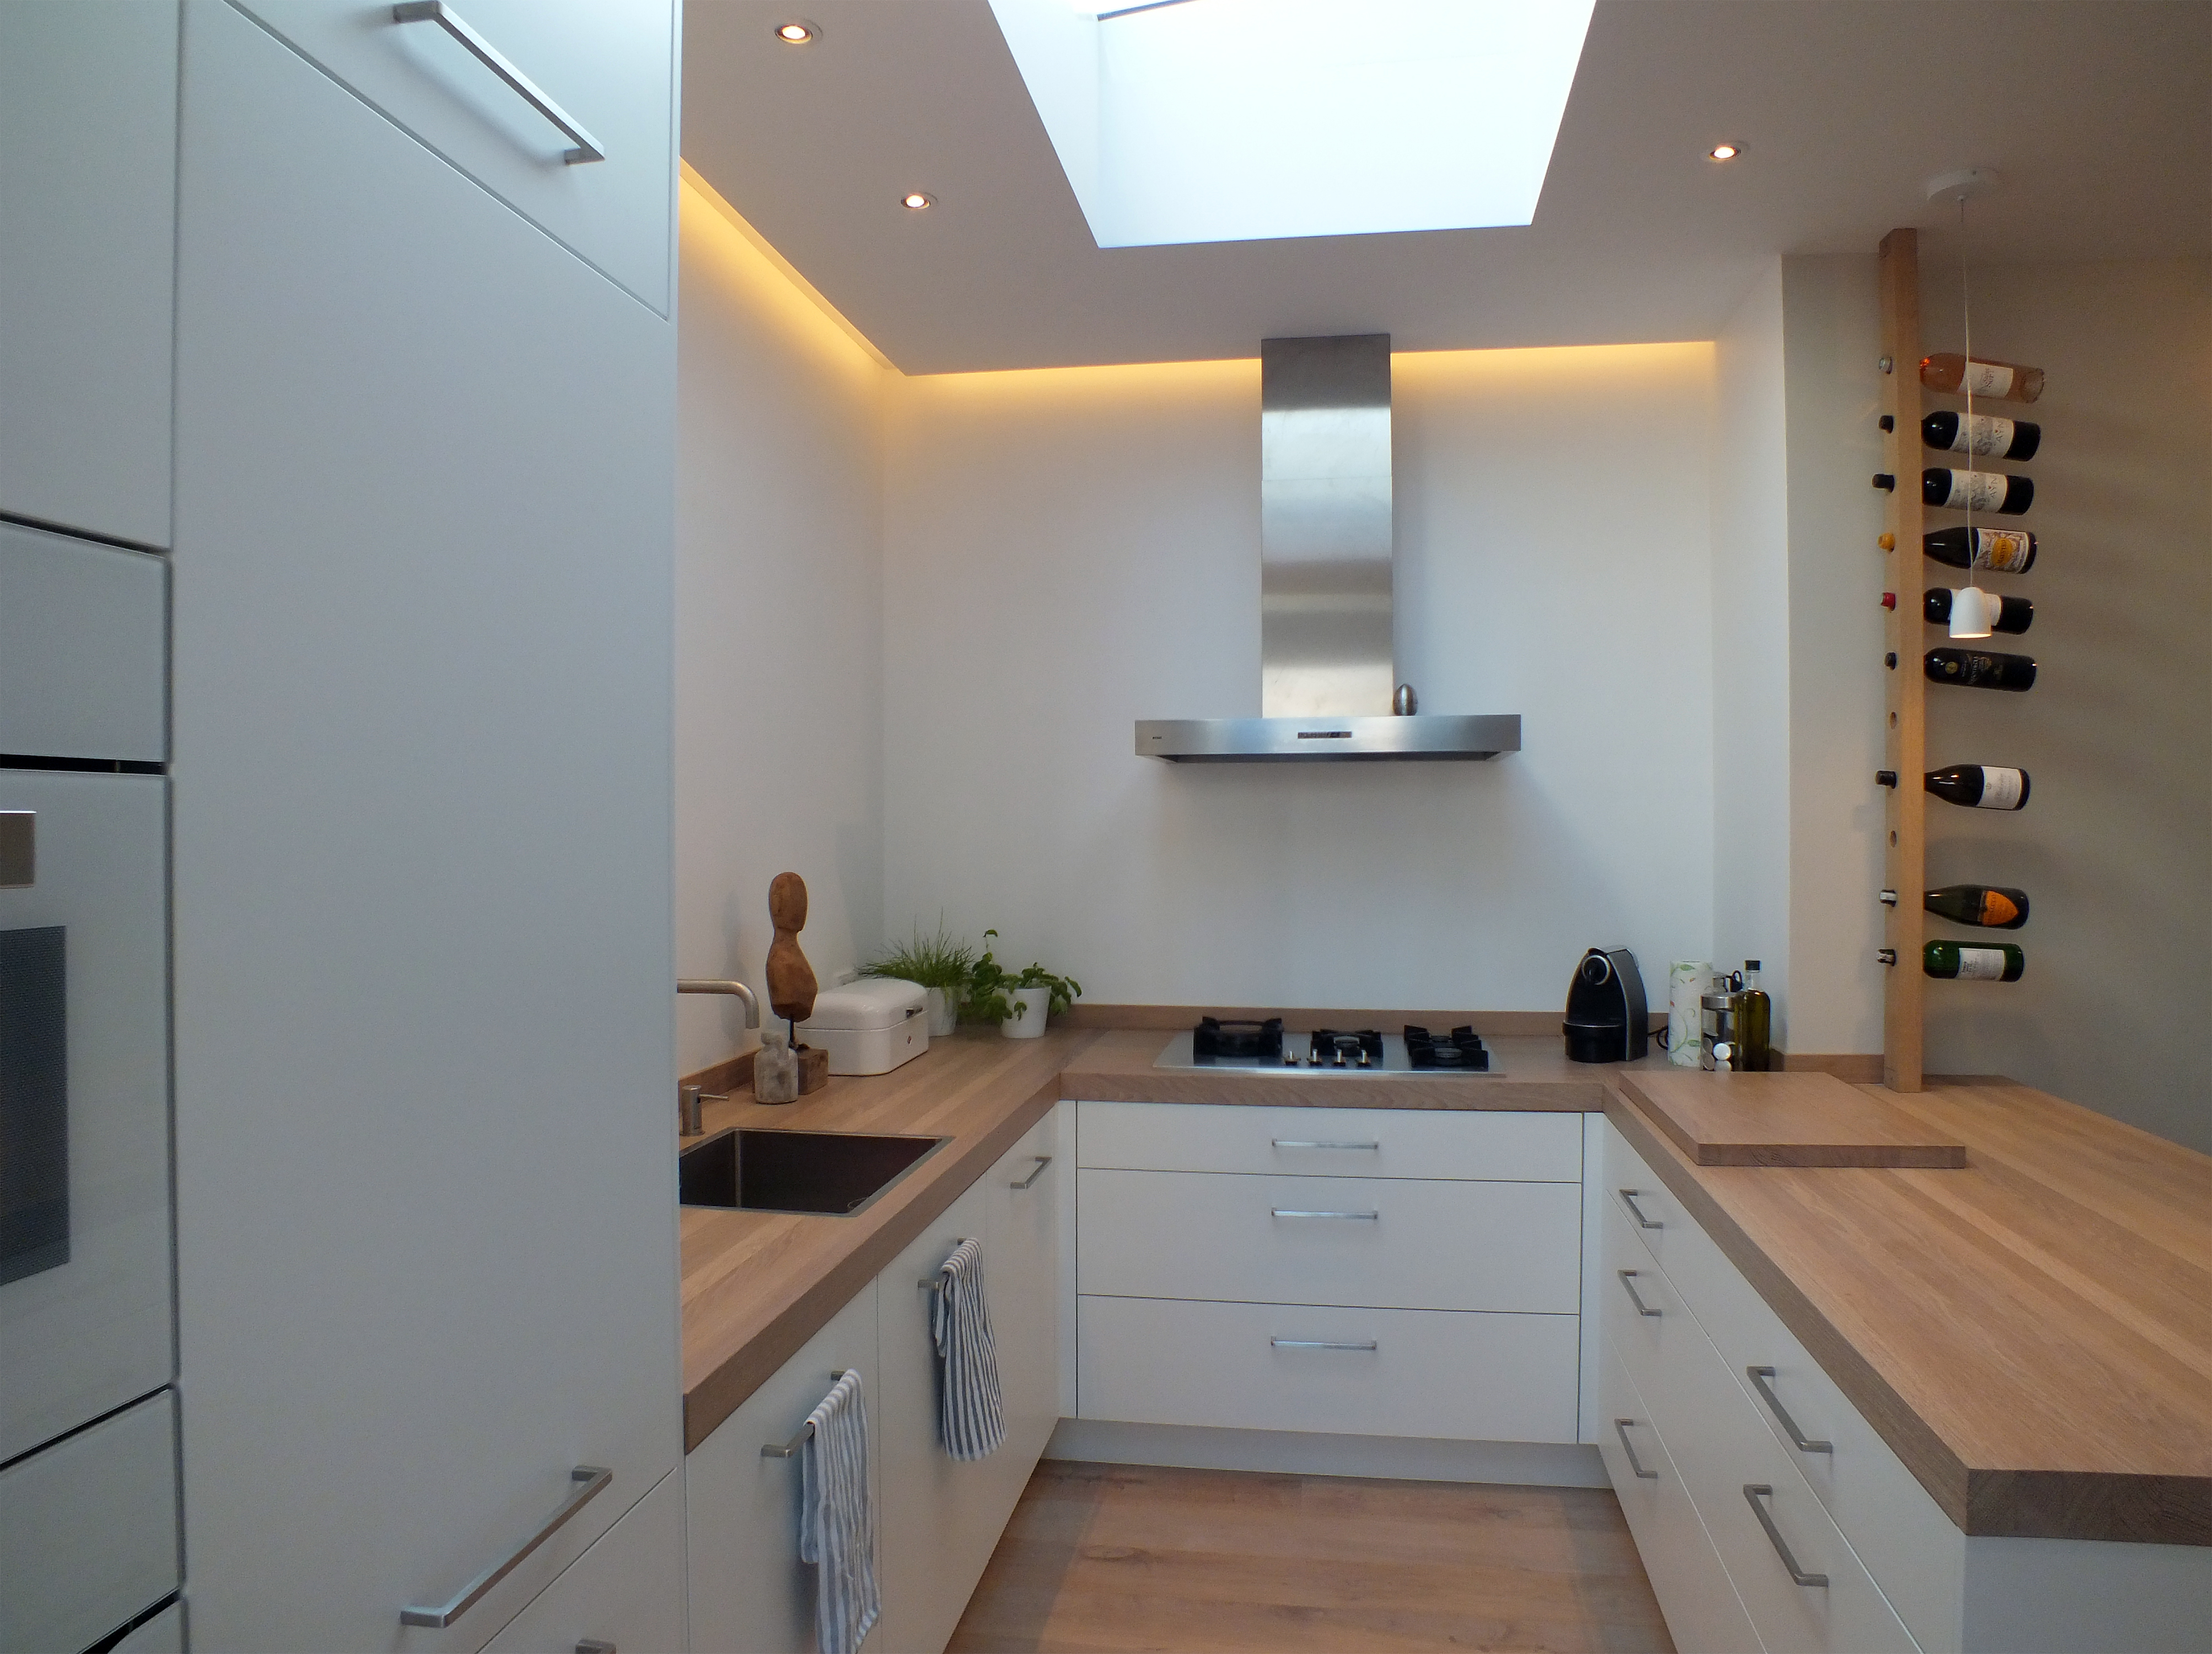 Lichtplan keuken daklicht strijklicht design by meyn - Keuken desing ...